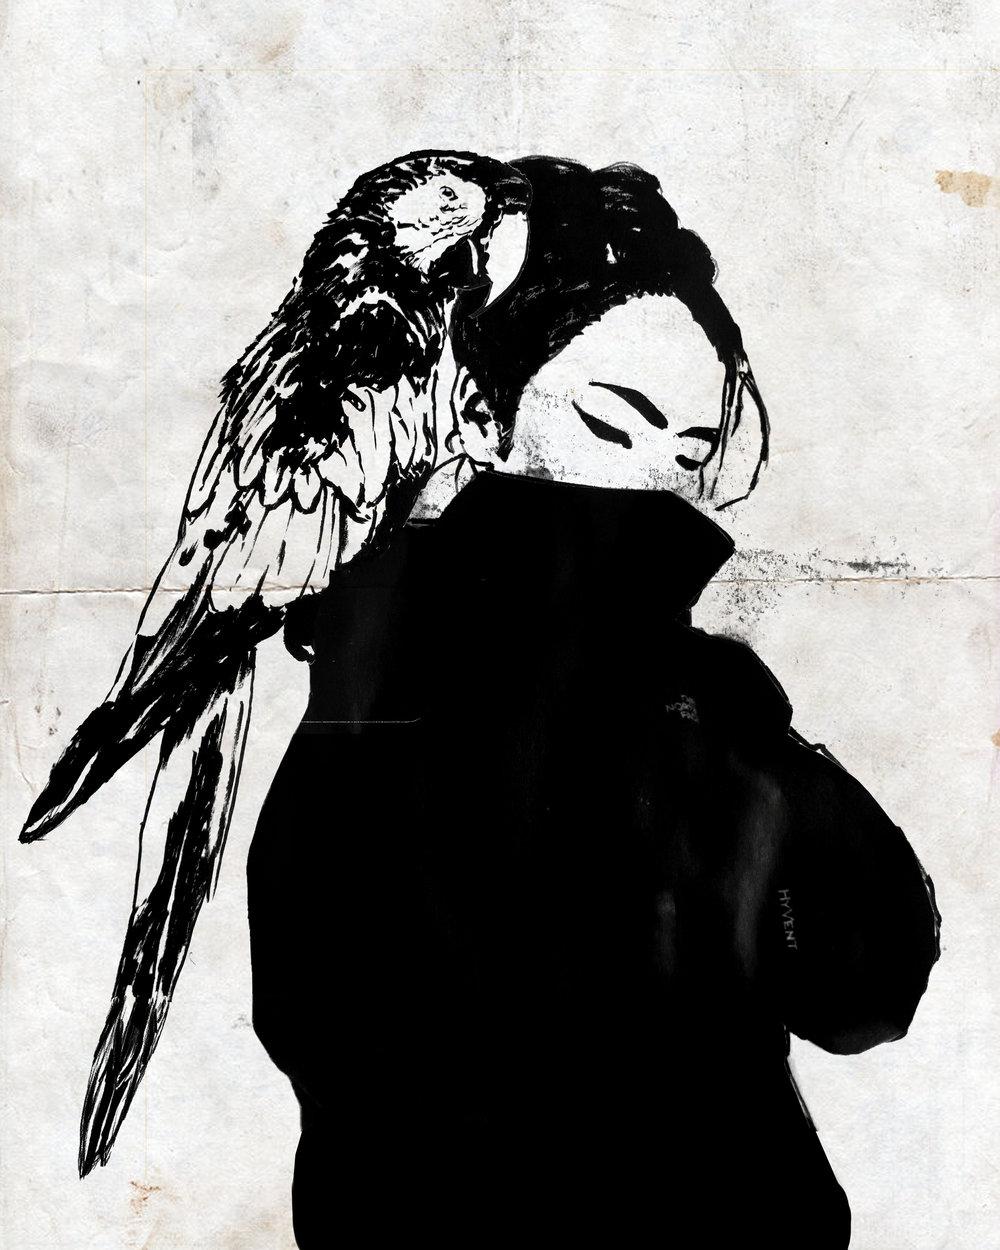 REDGIRLwithbird ink.jpg